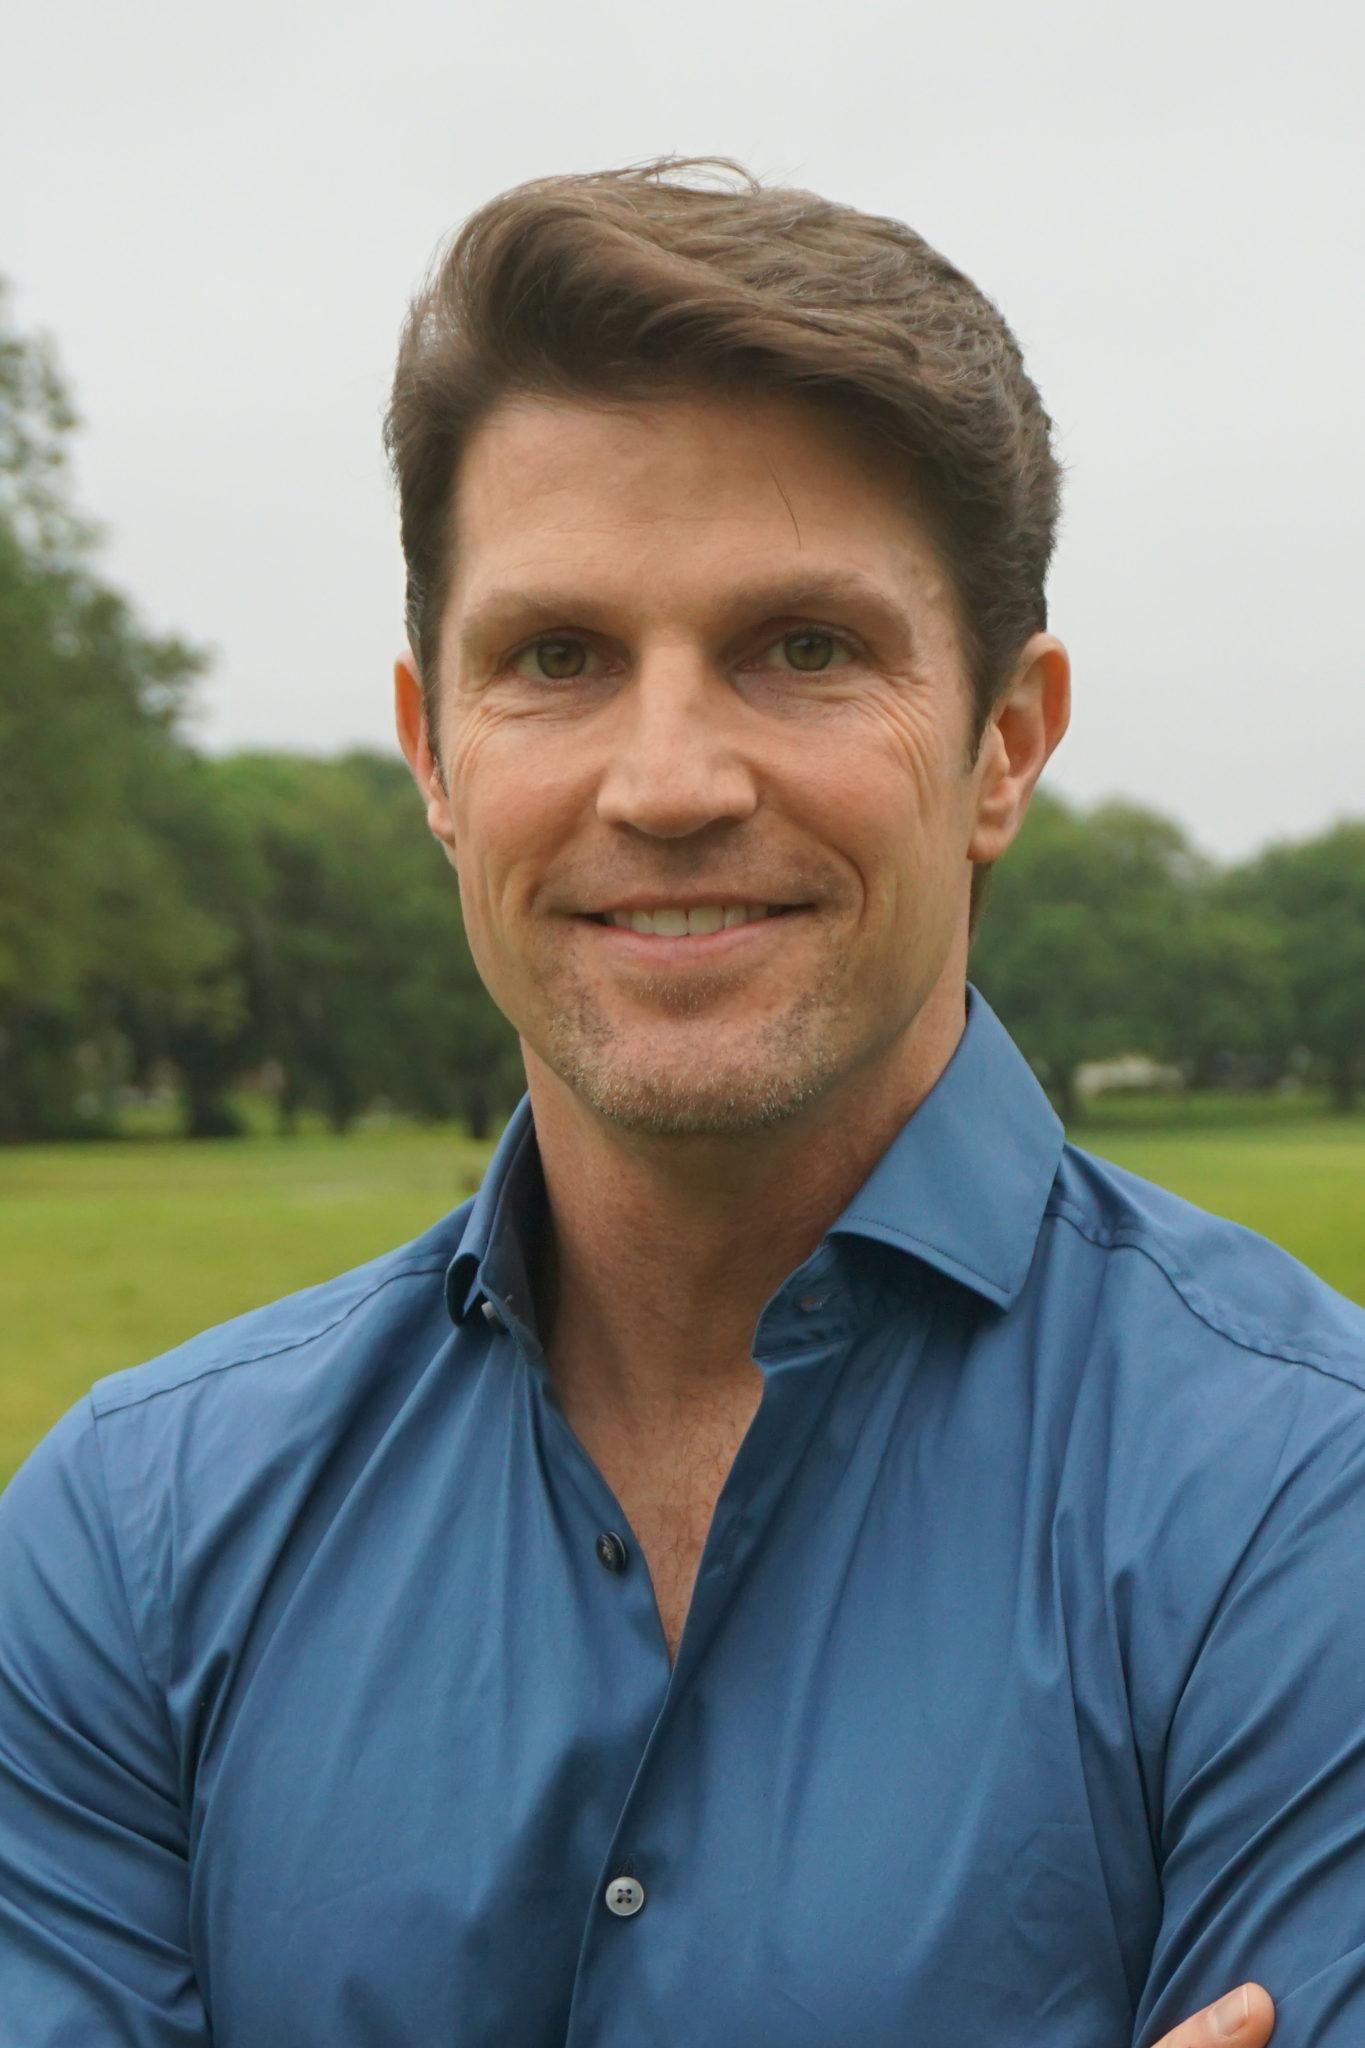 Daniel Schaffer, M.D.